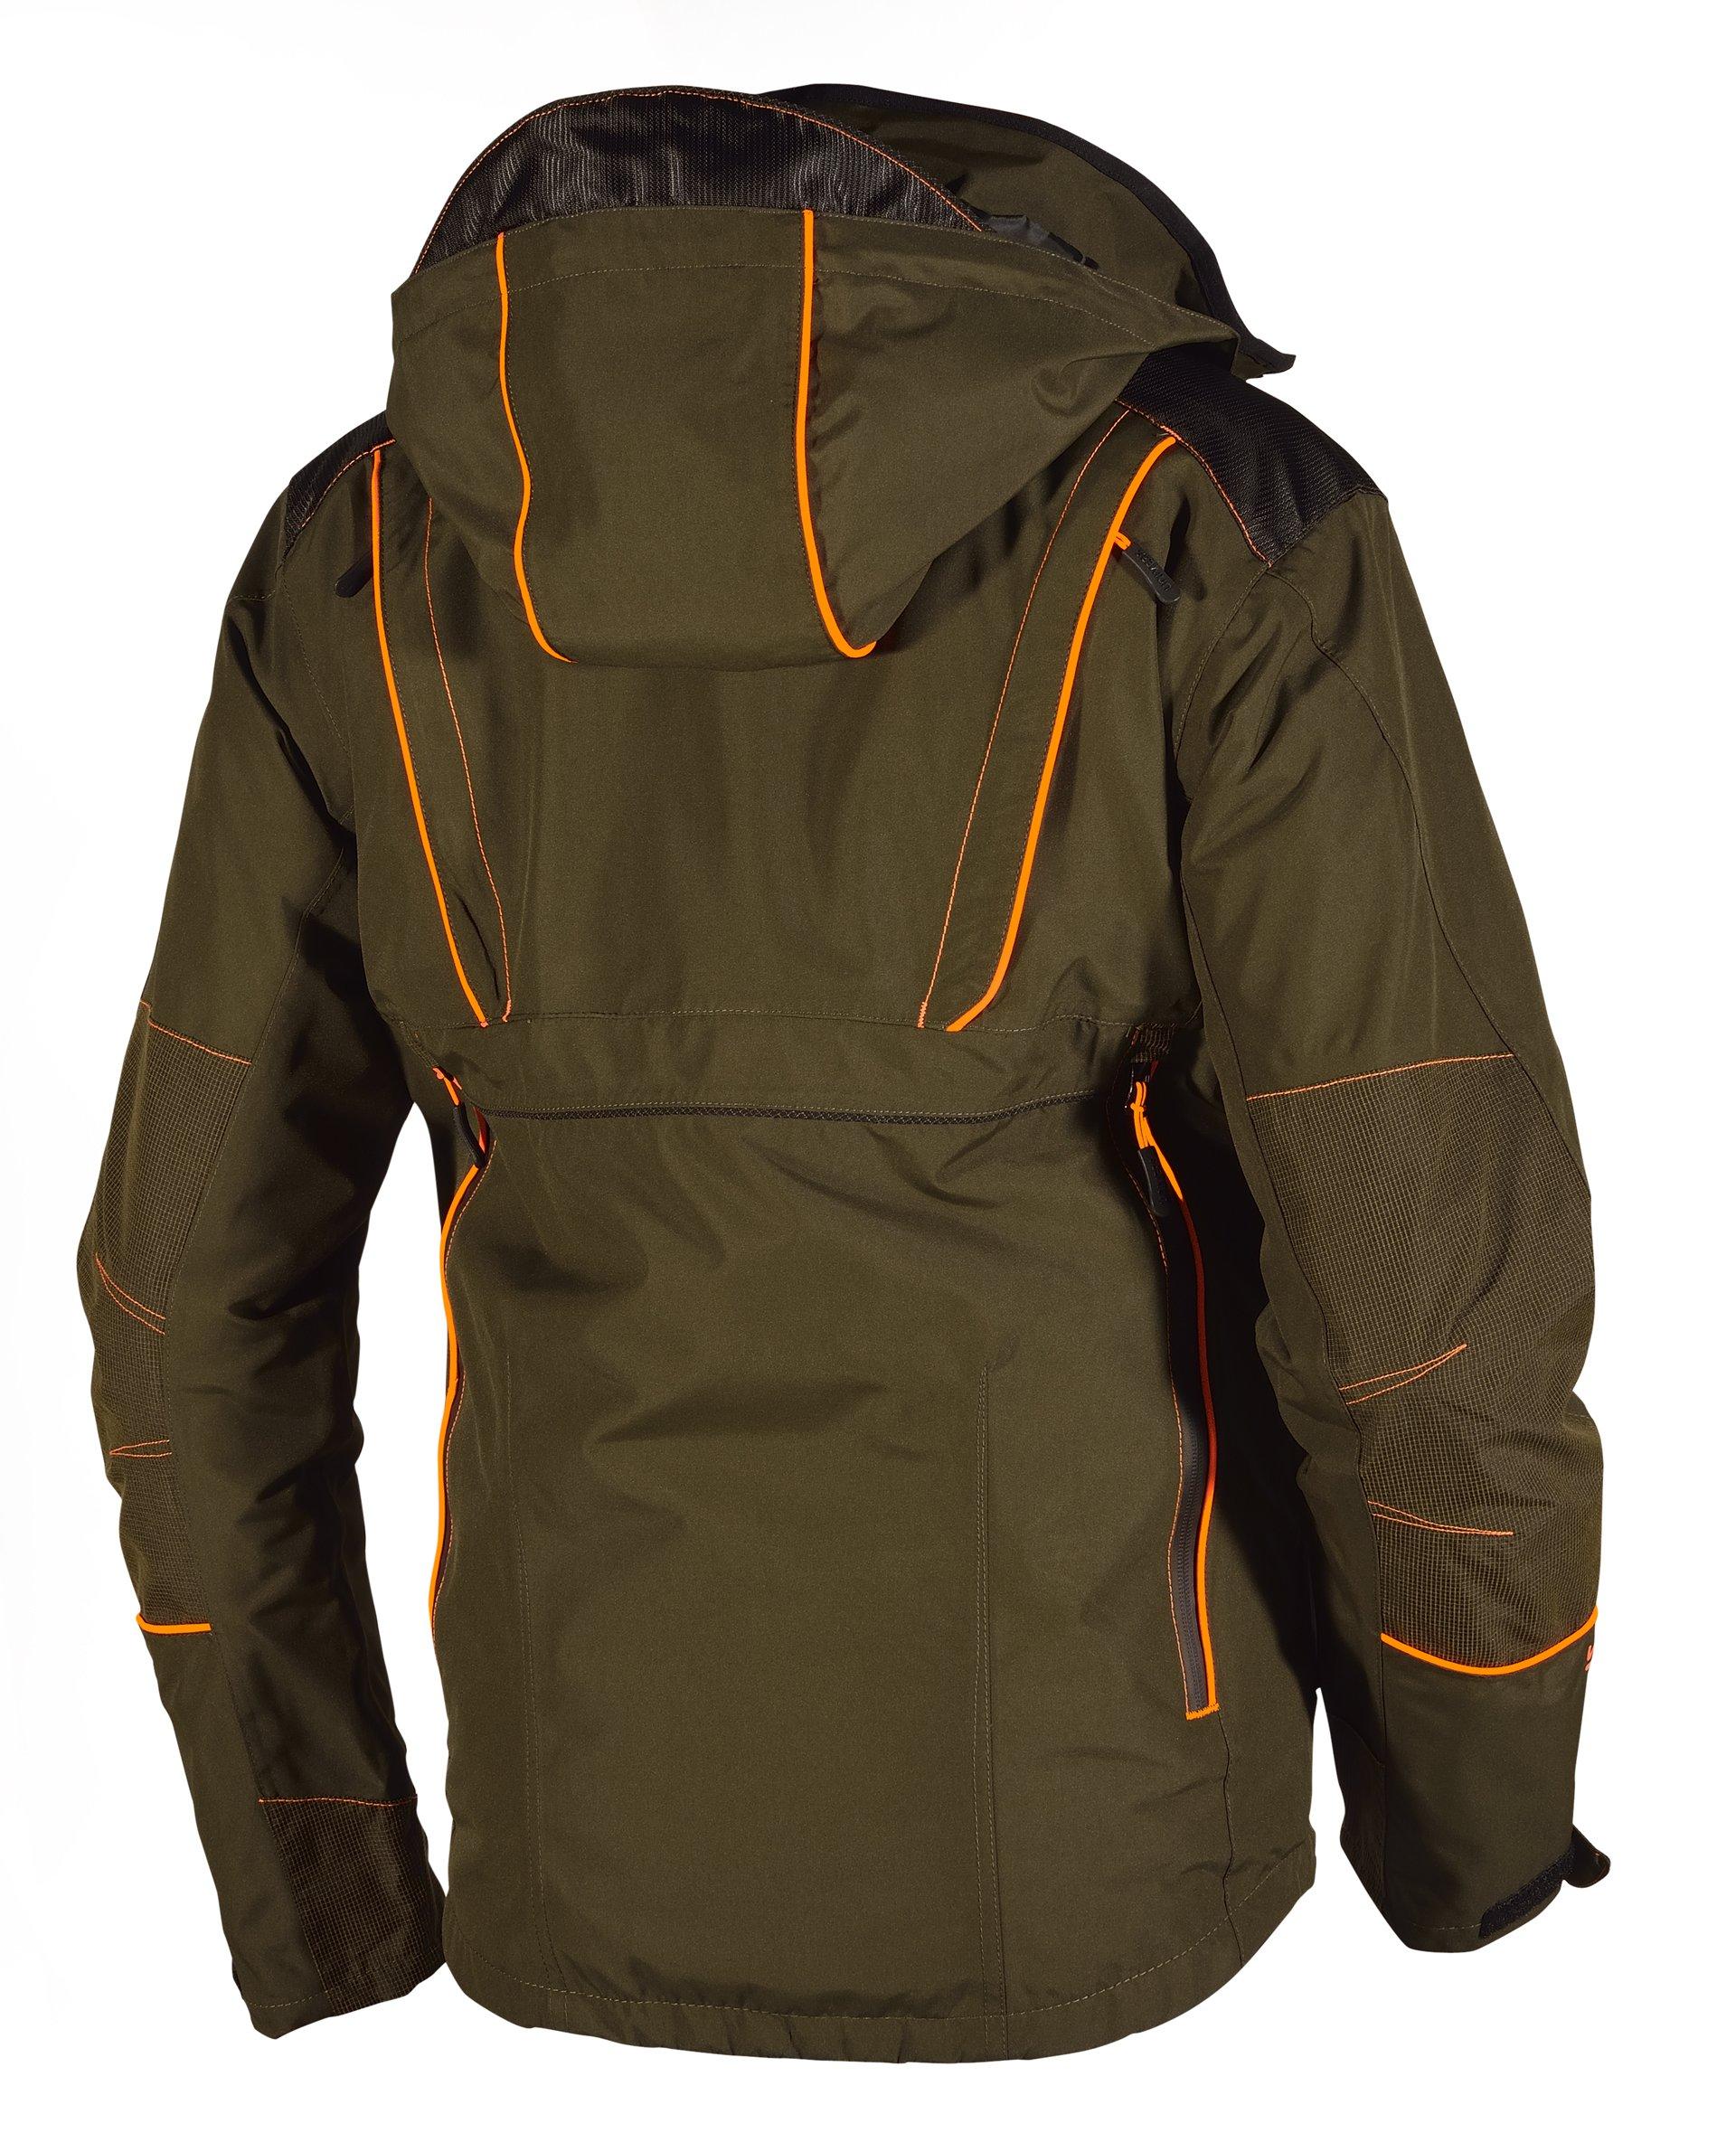 Univers Waterproof Jacket 91142/392